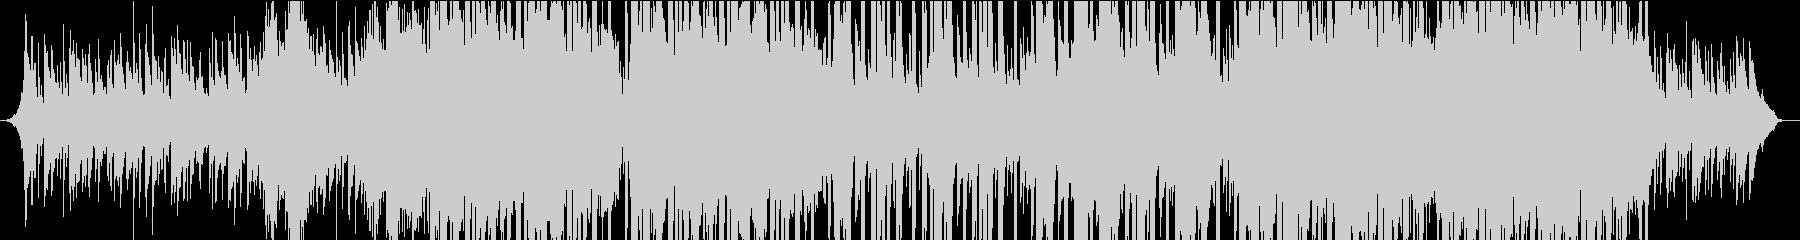 ソロチェロ、ブレイクビートドラム、...の未再生の波形